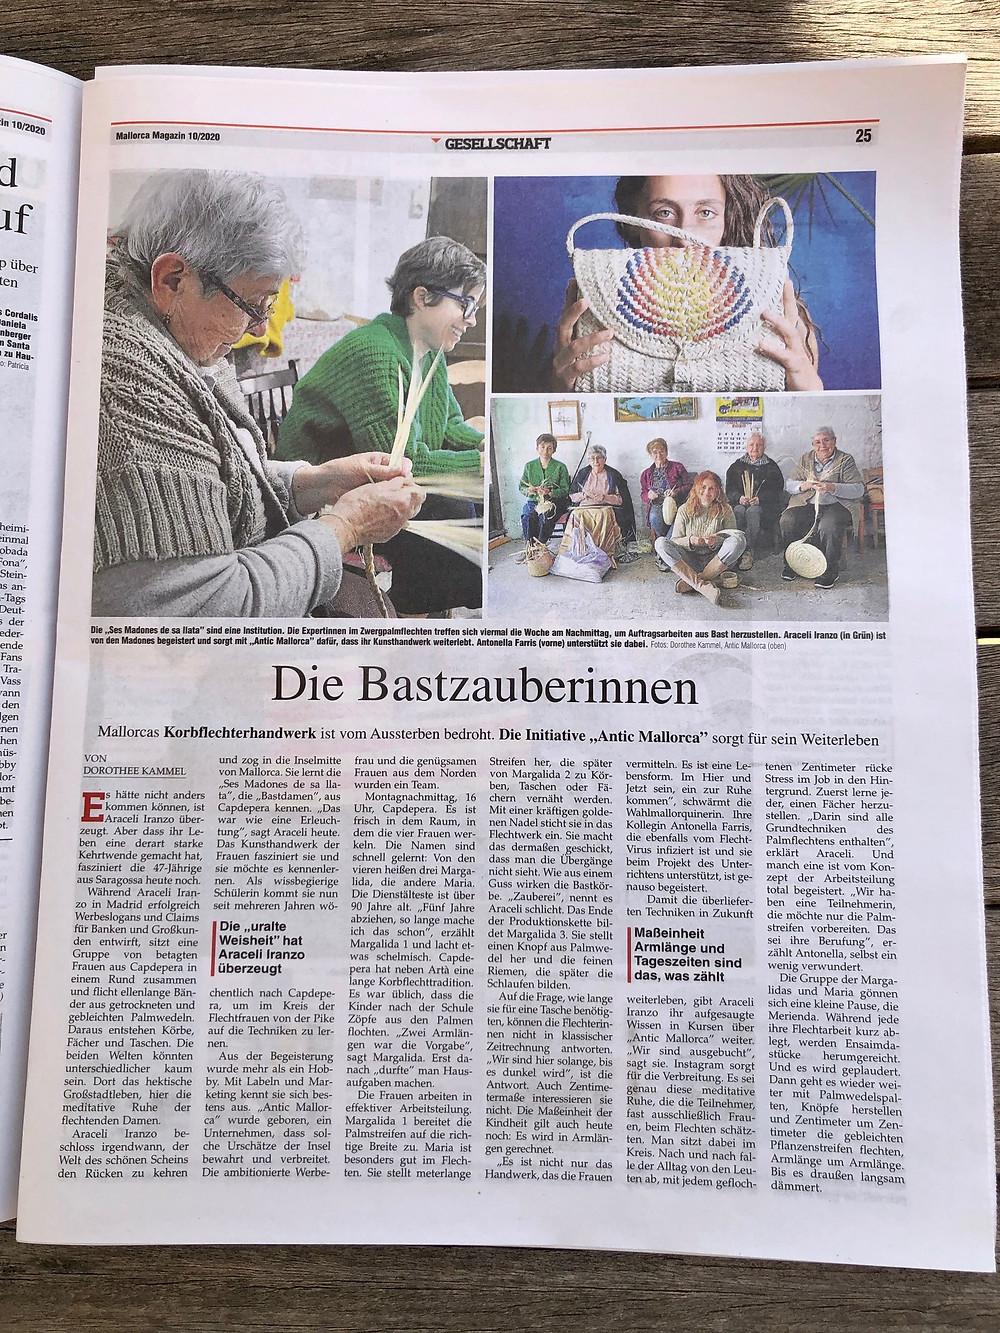 """La artesanía del palmito tiene futuro con Antic Mallorca y su """"Escola del art de ses Madones de sa Llata""""."""